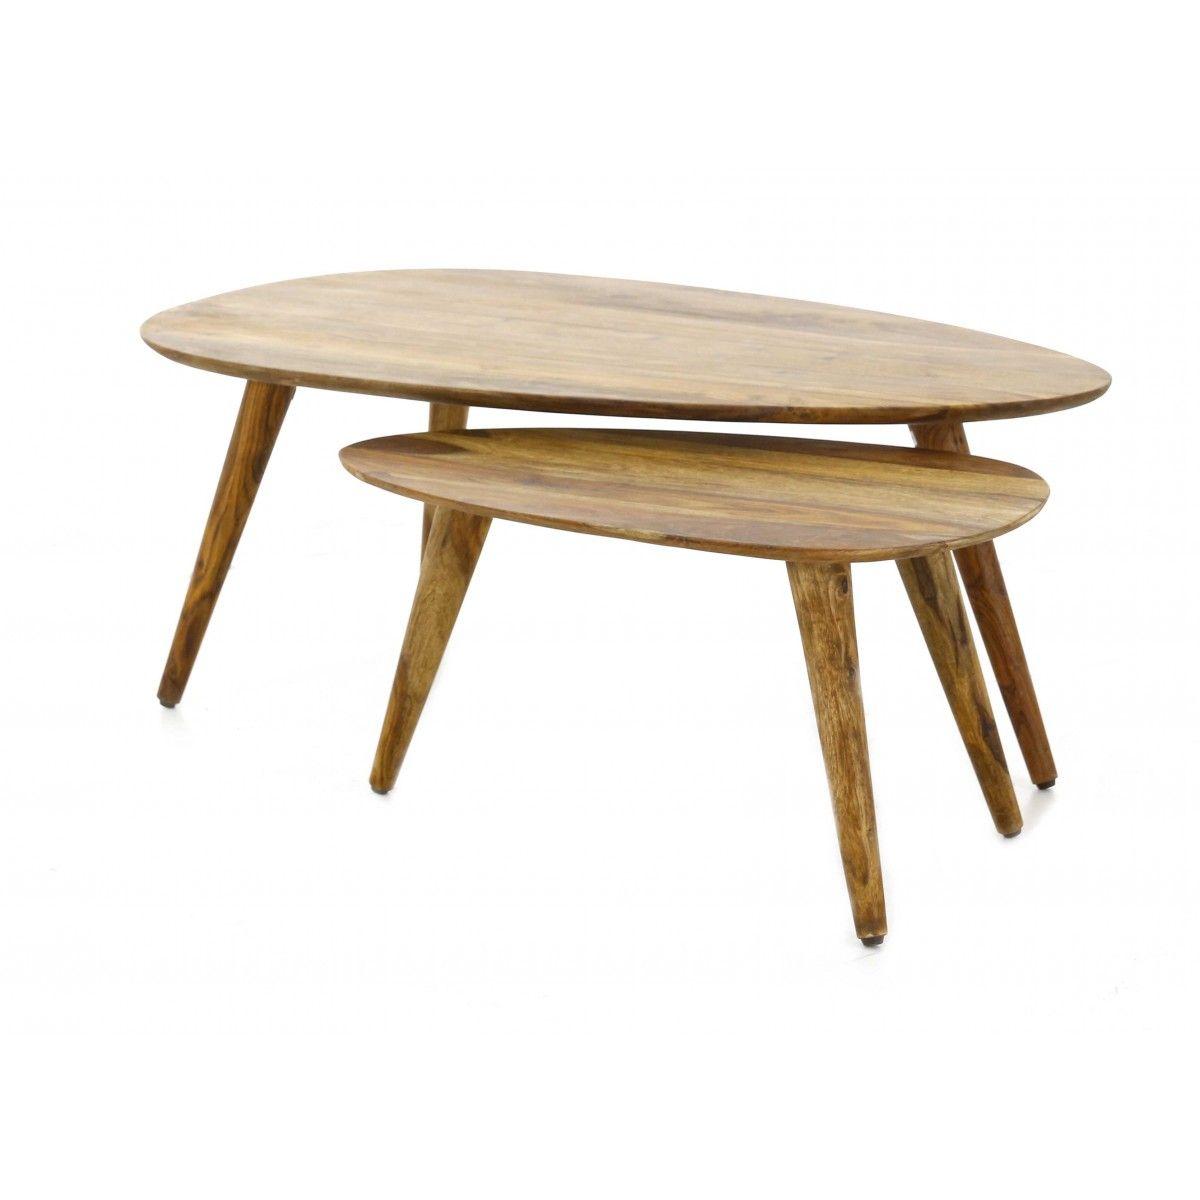 table basse gigogne vintage pas cher lille maison. Black Bedroom Furniture Sets. Home Design Ideas